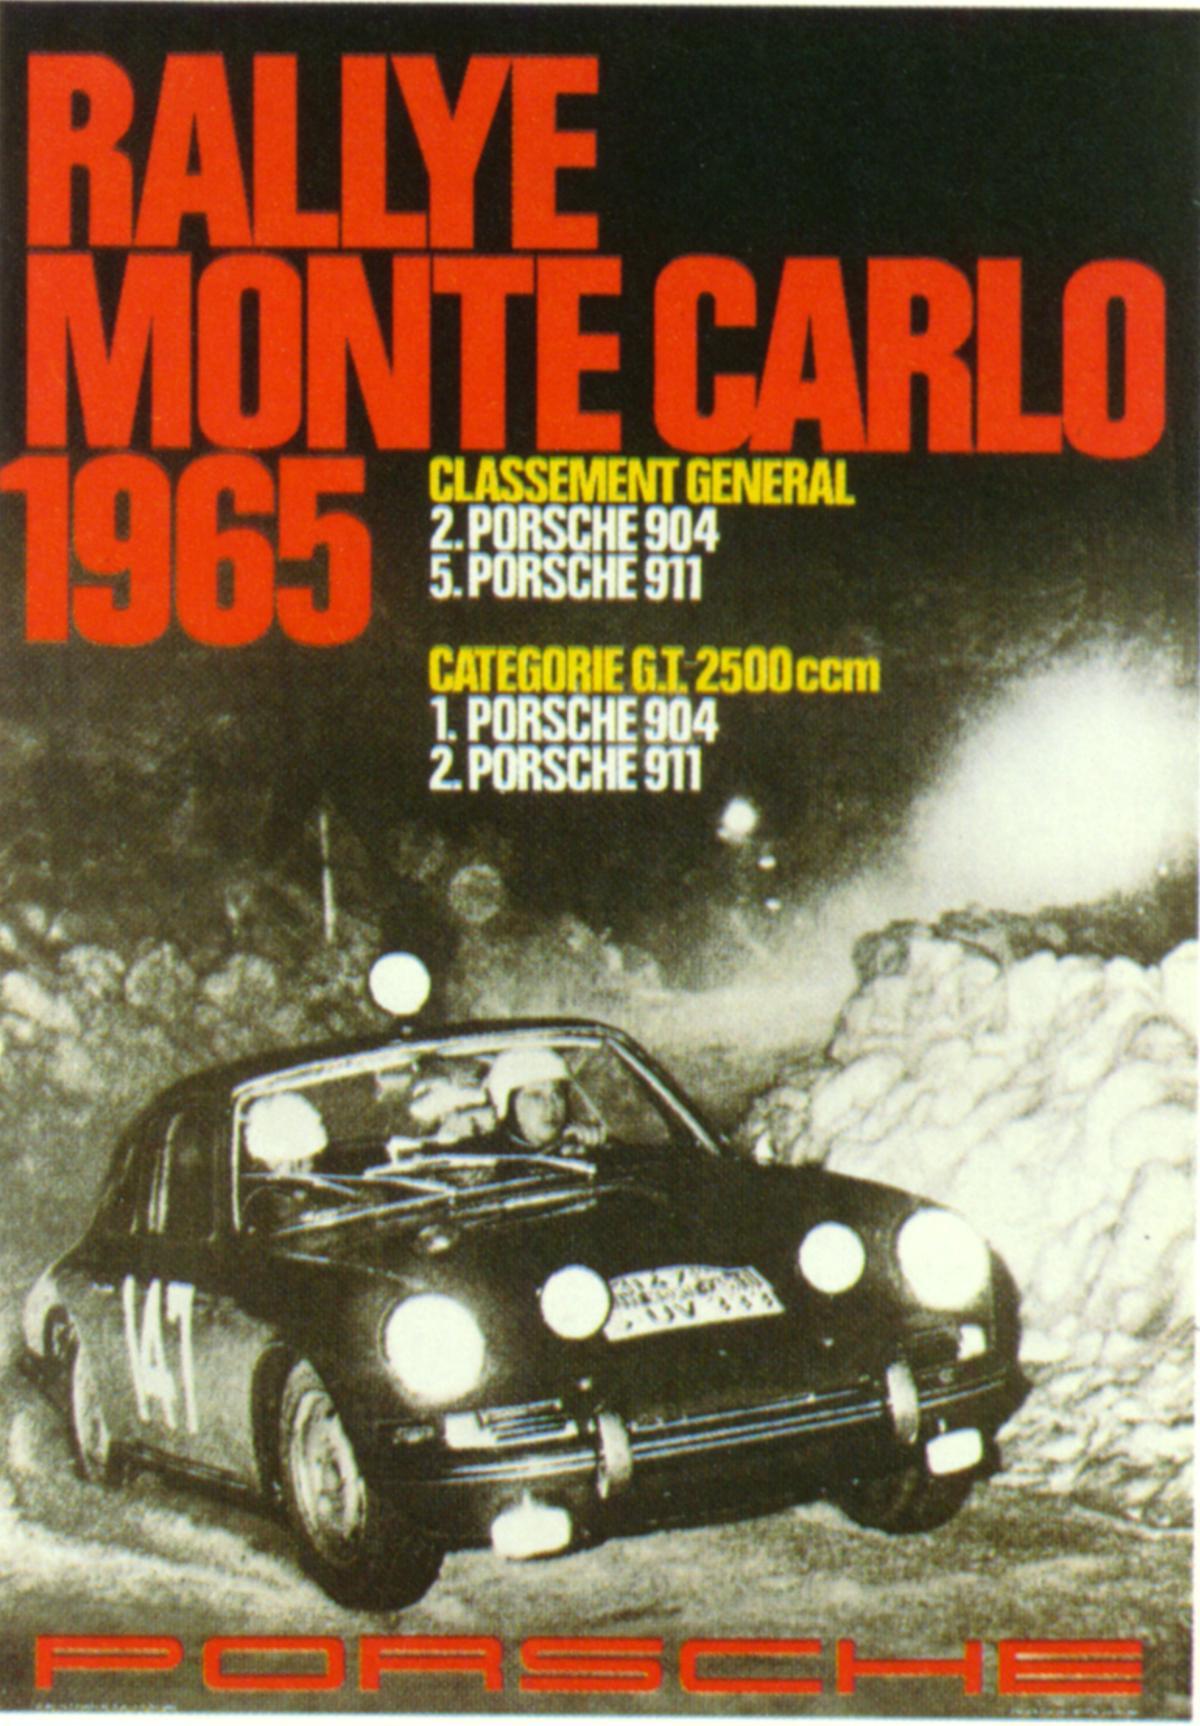 Porsche Targa 4S >> Pelican Parts: Vintage Porsche Racing Posters